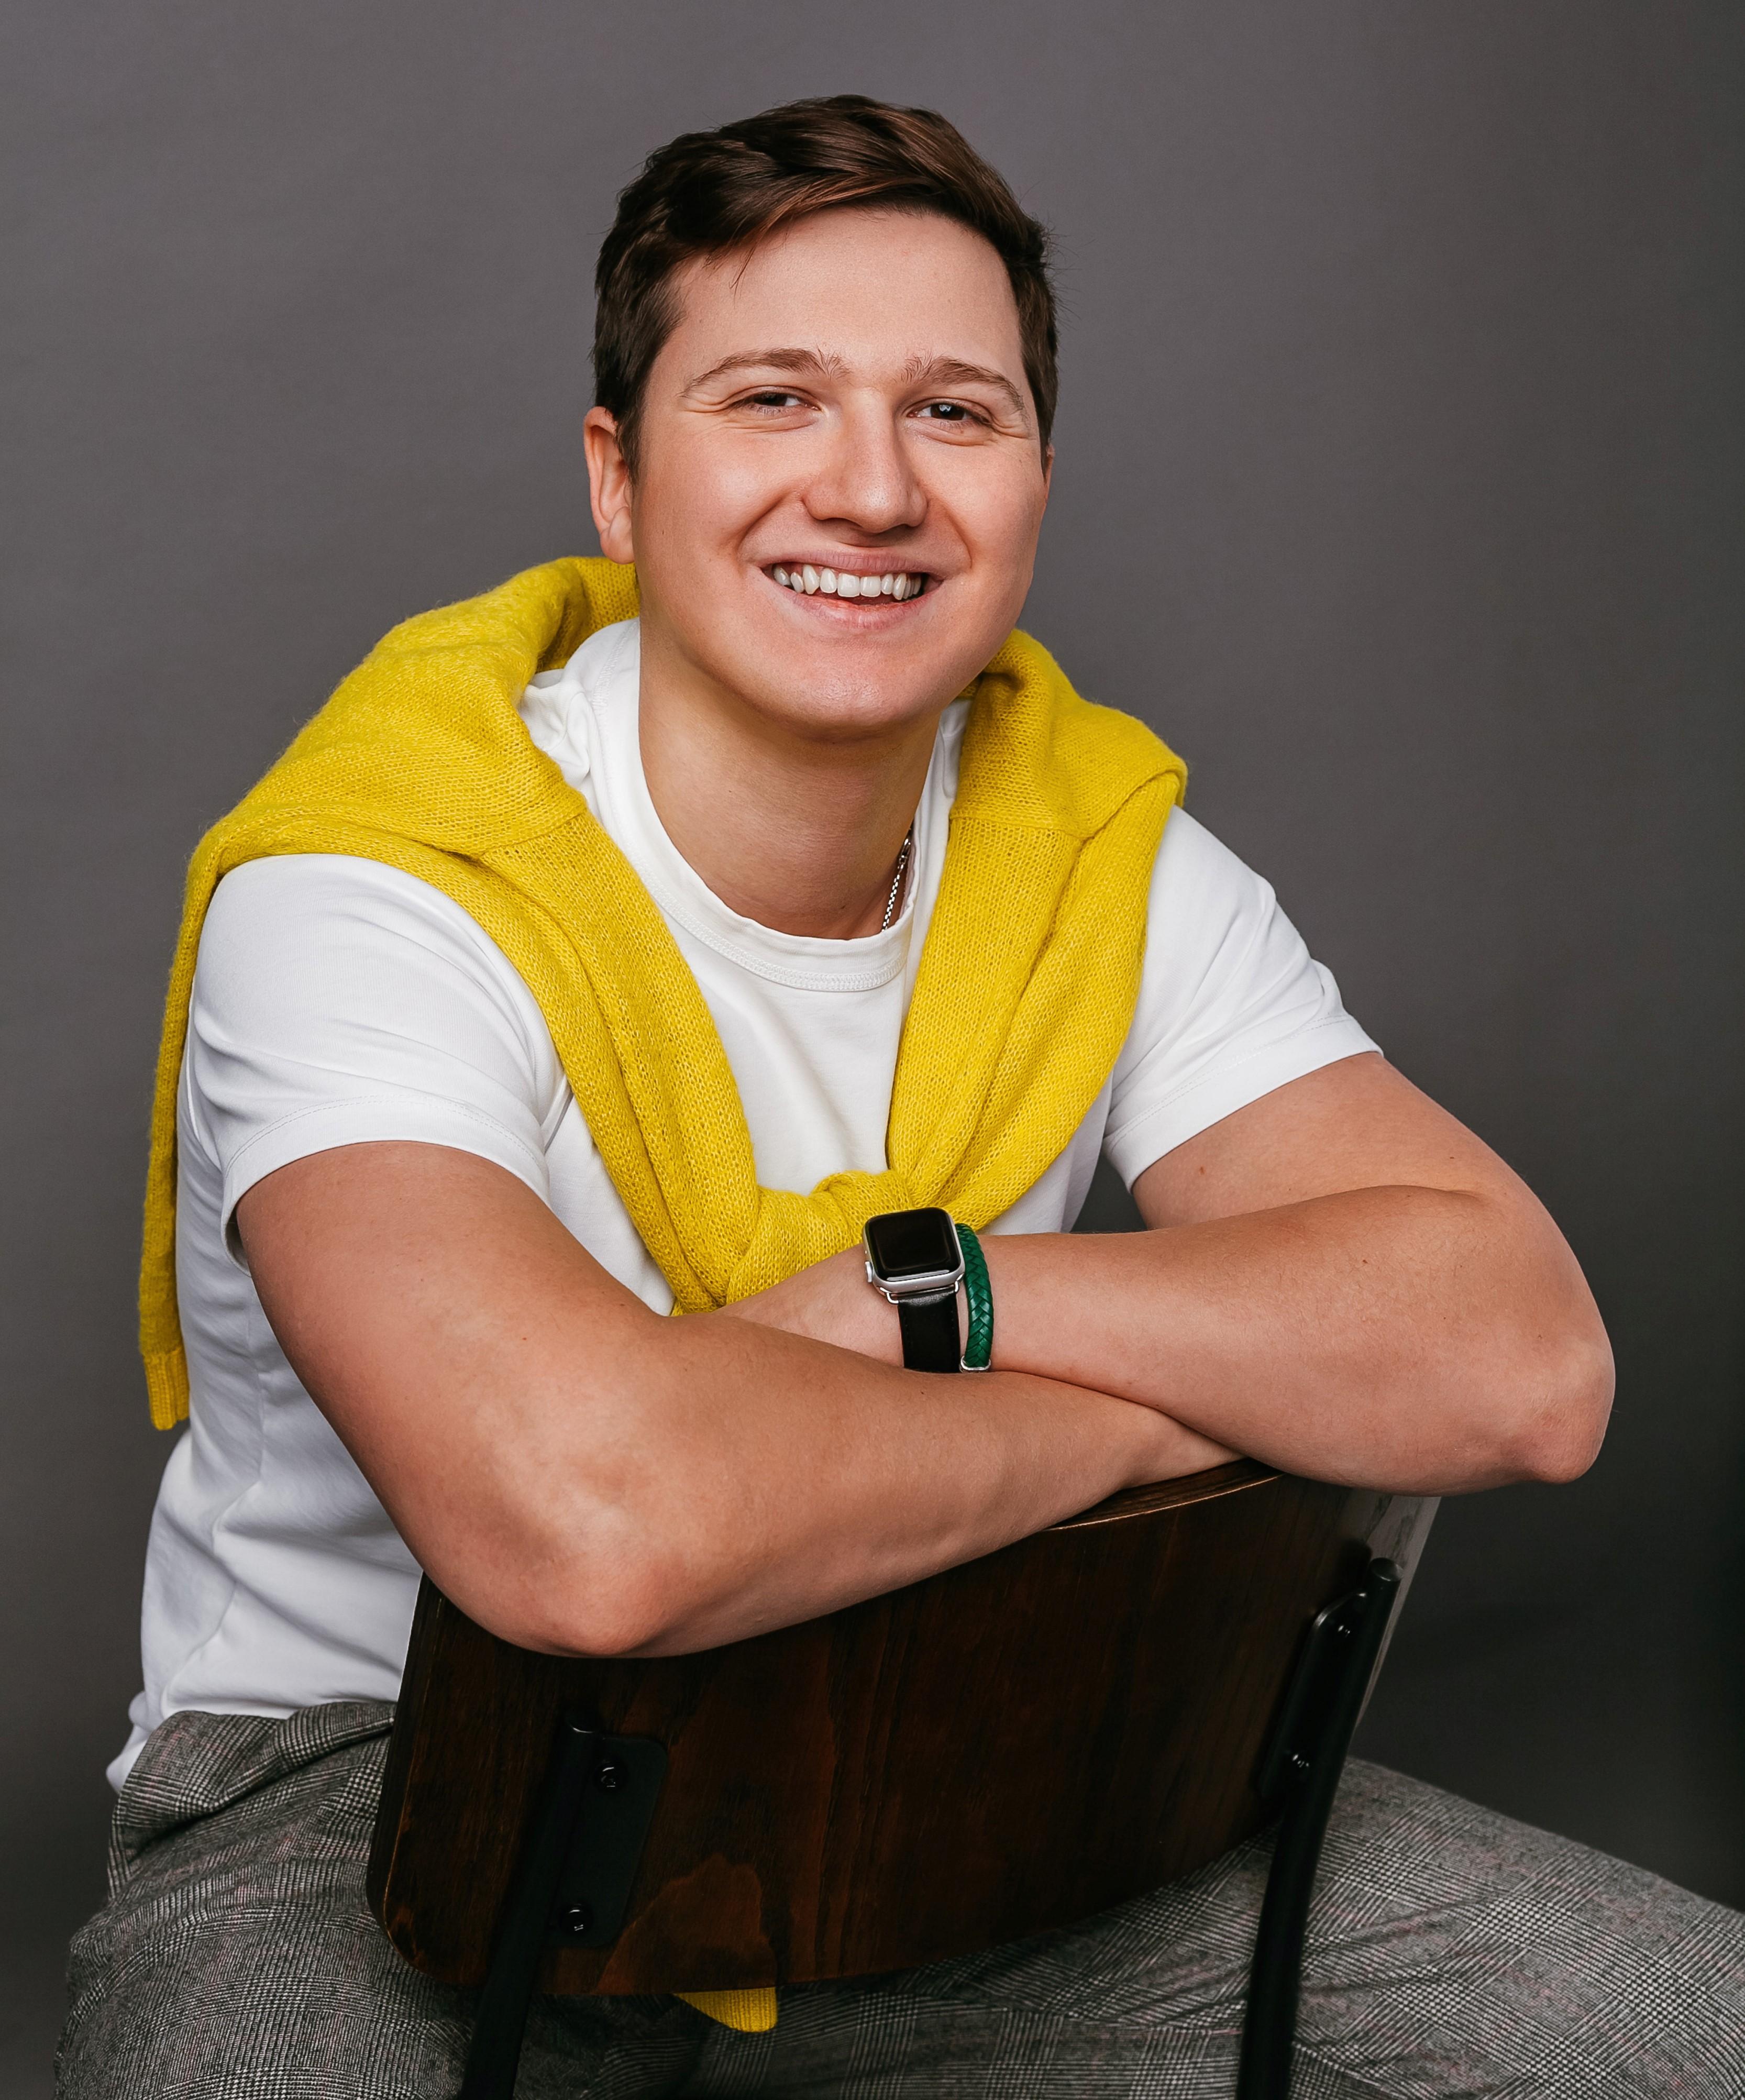 Илья Кобяков фото